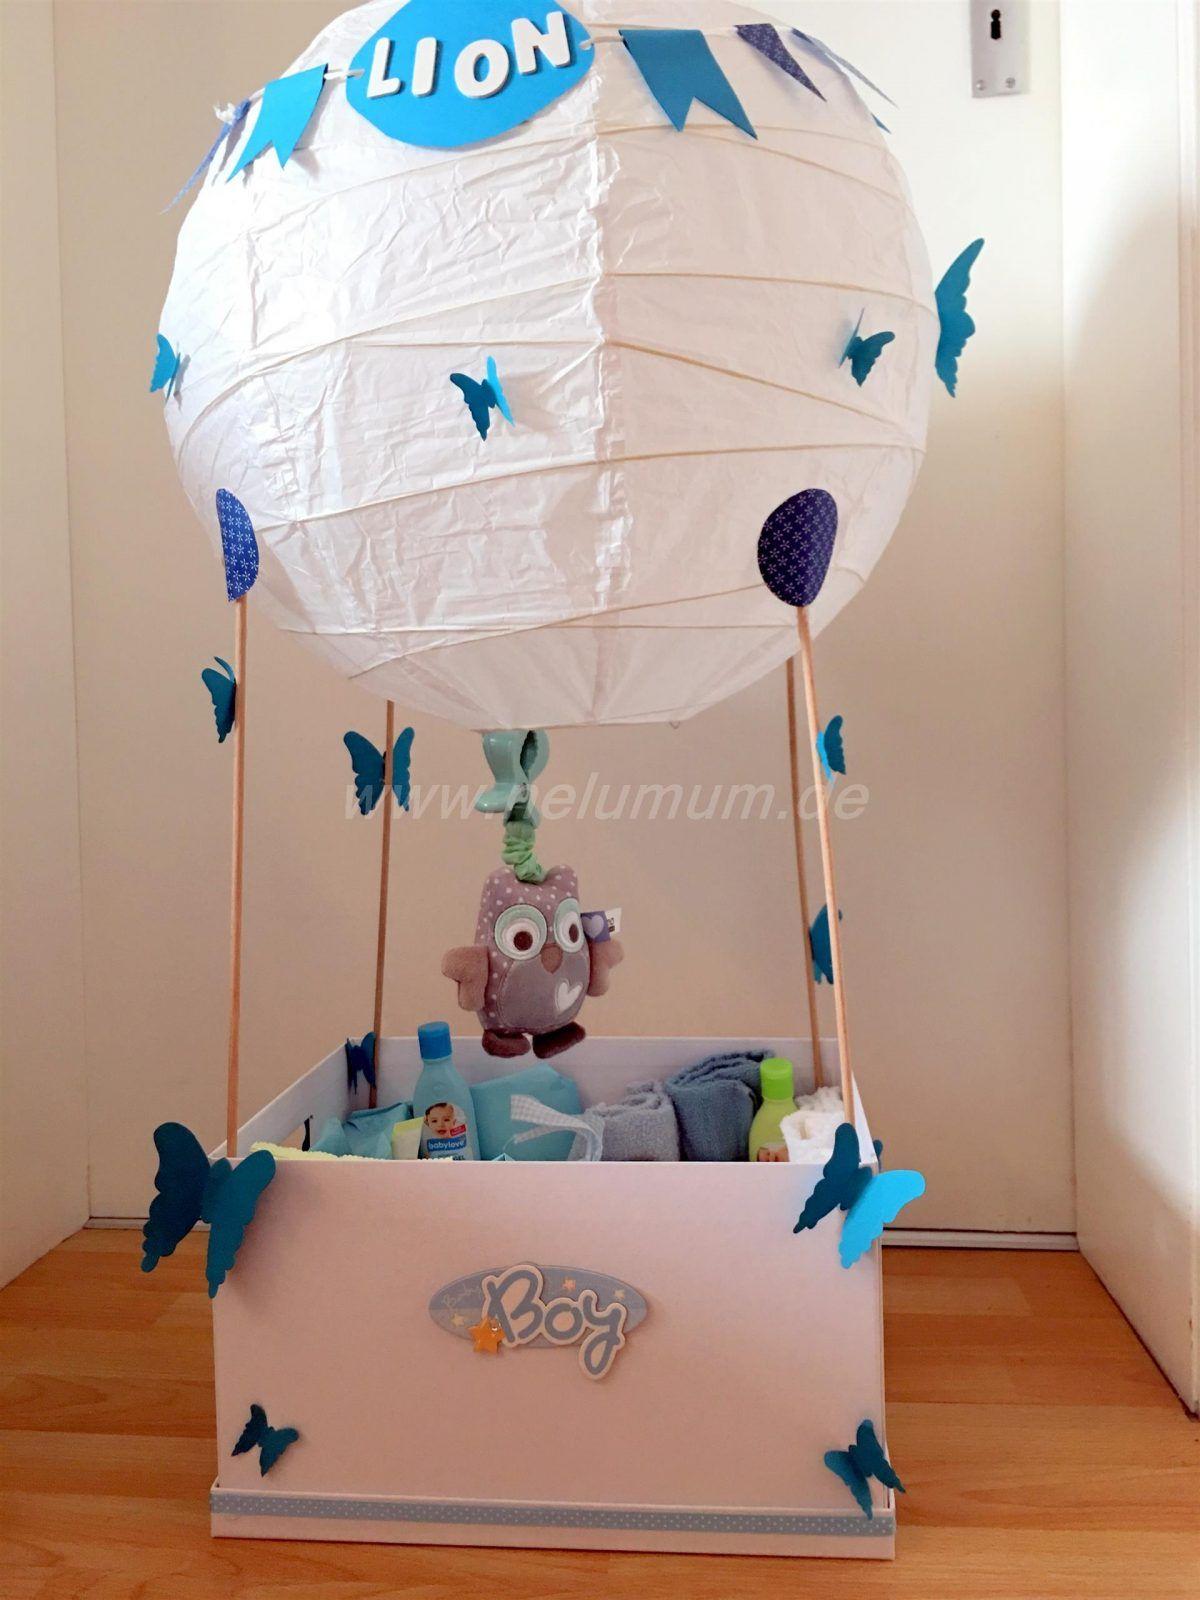 Heißluftballon zur Geburt | Geschenke zur geburt, Zur geburt und Die ...